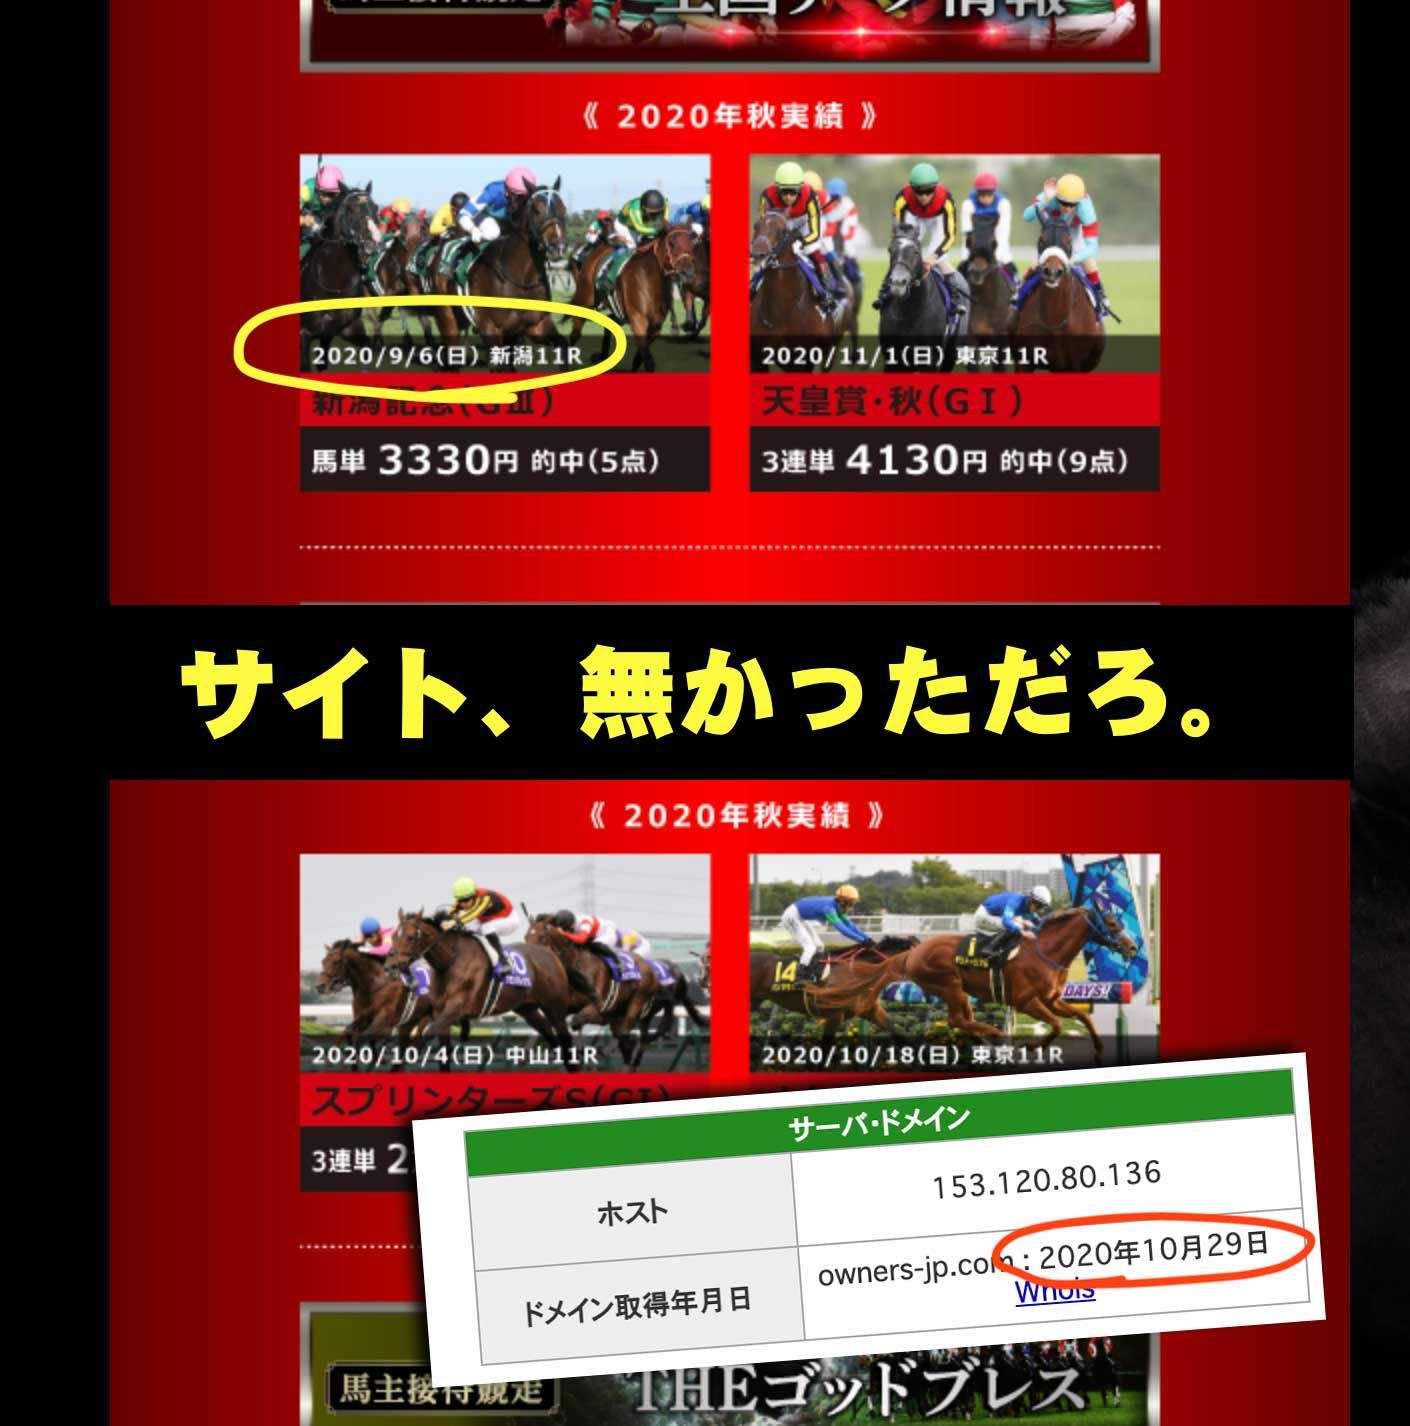 オーナーズジャパンという競馬予想サイトの捏造した的中実績